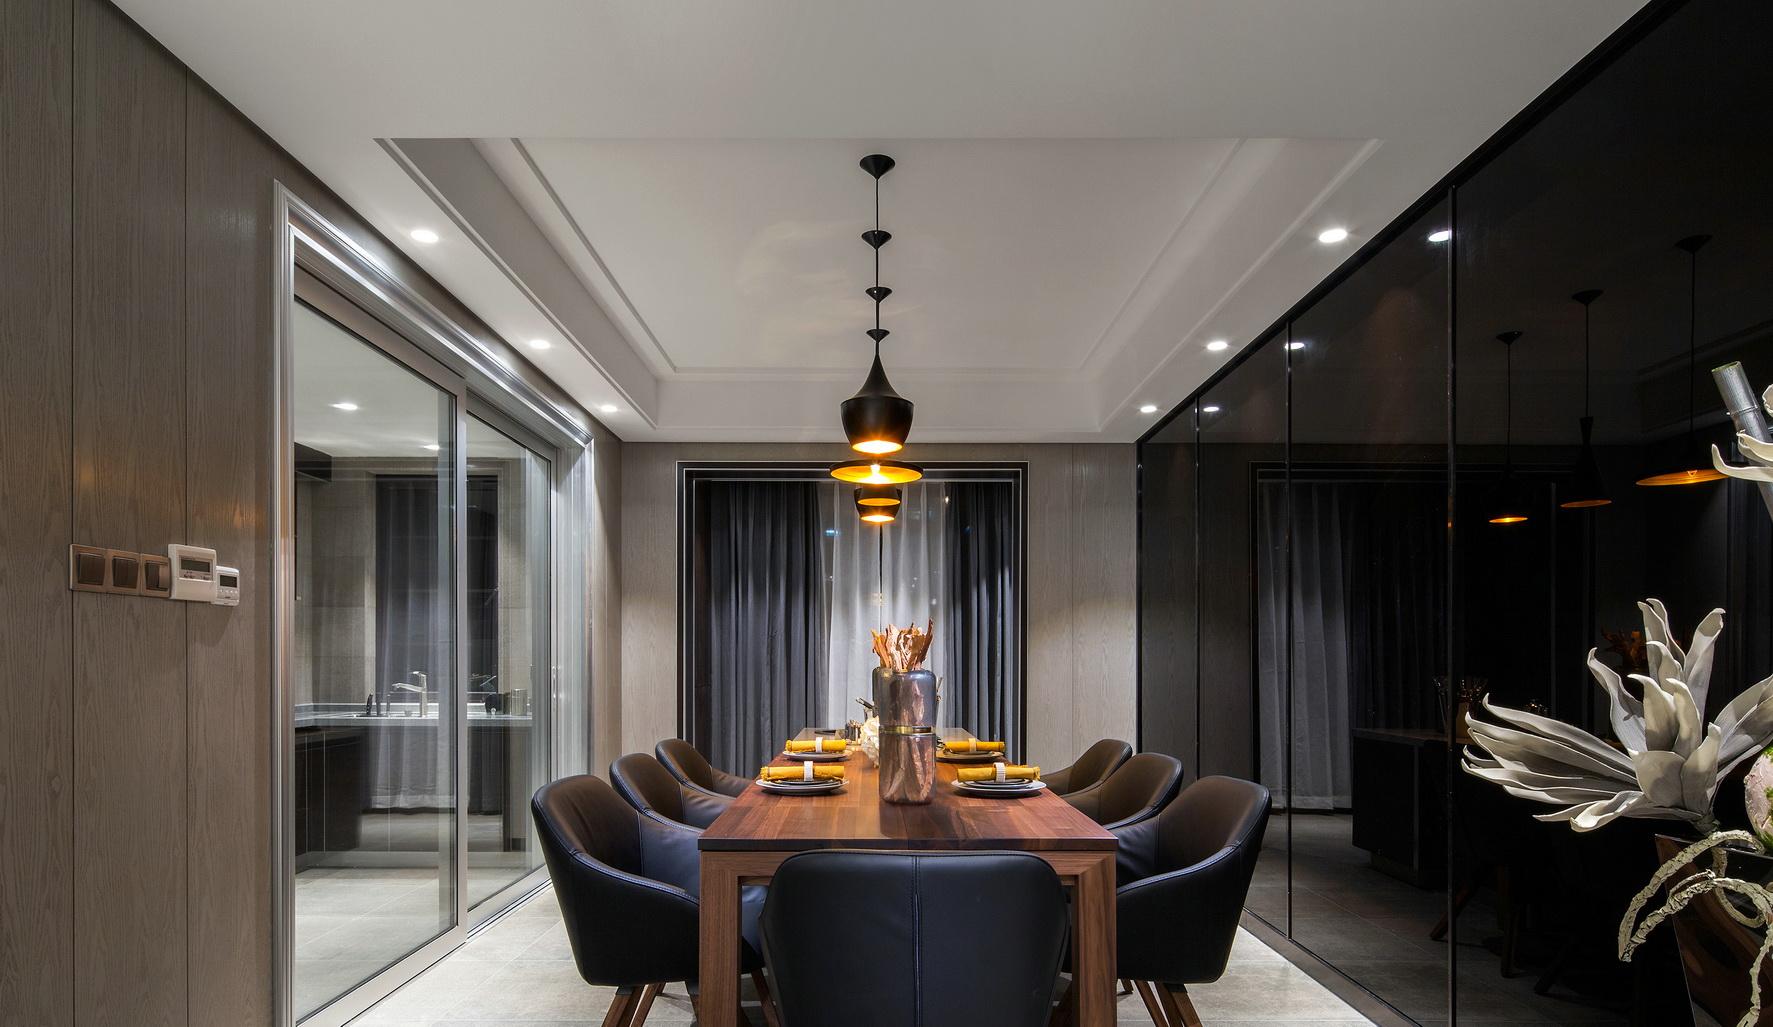 餐厅顶面华丽的水晶吊灯下,整个的奢华大气之感